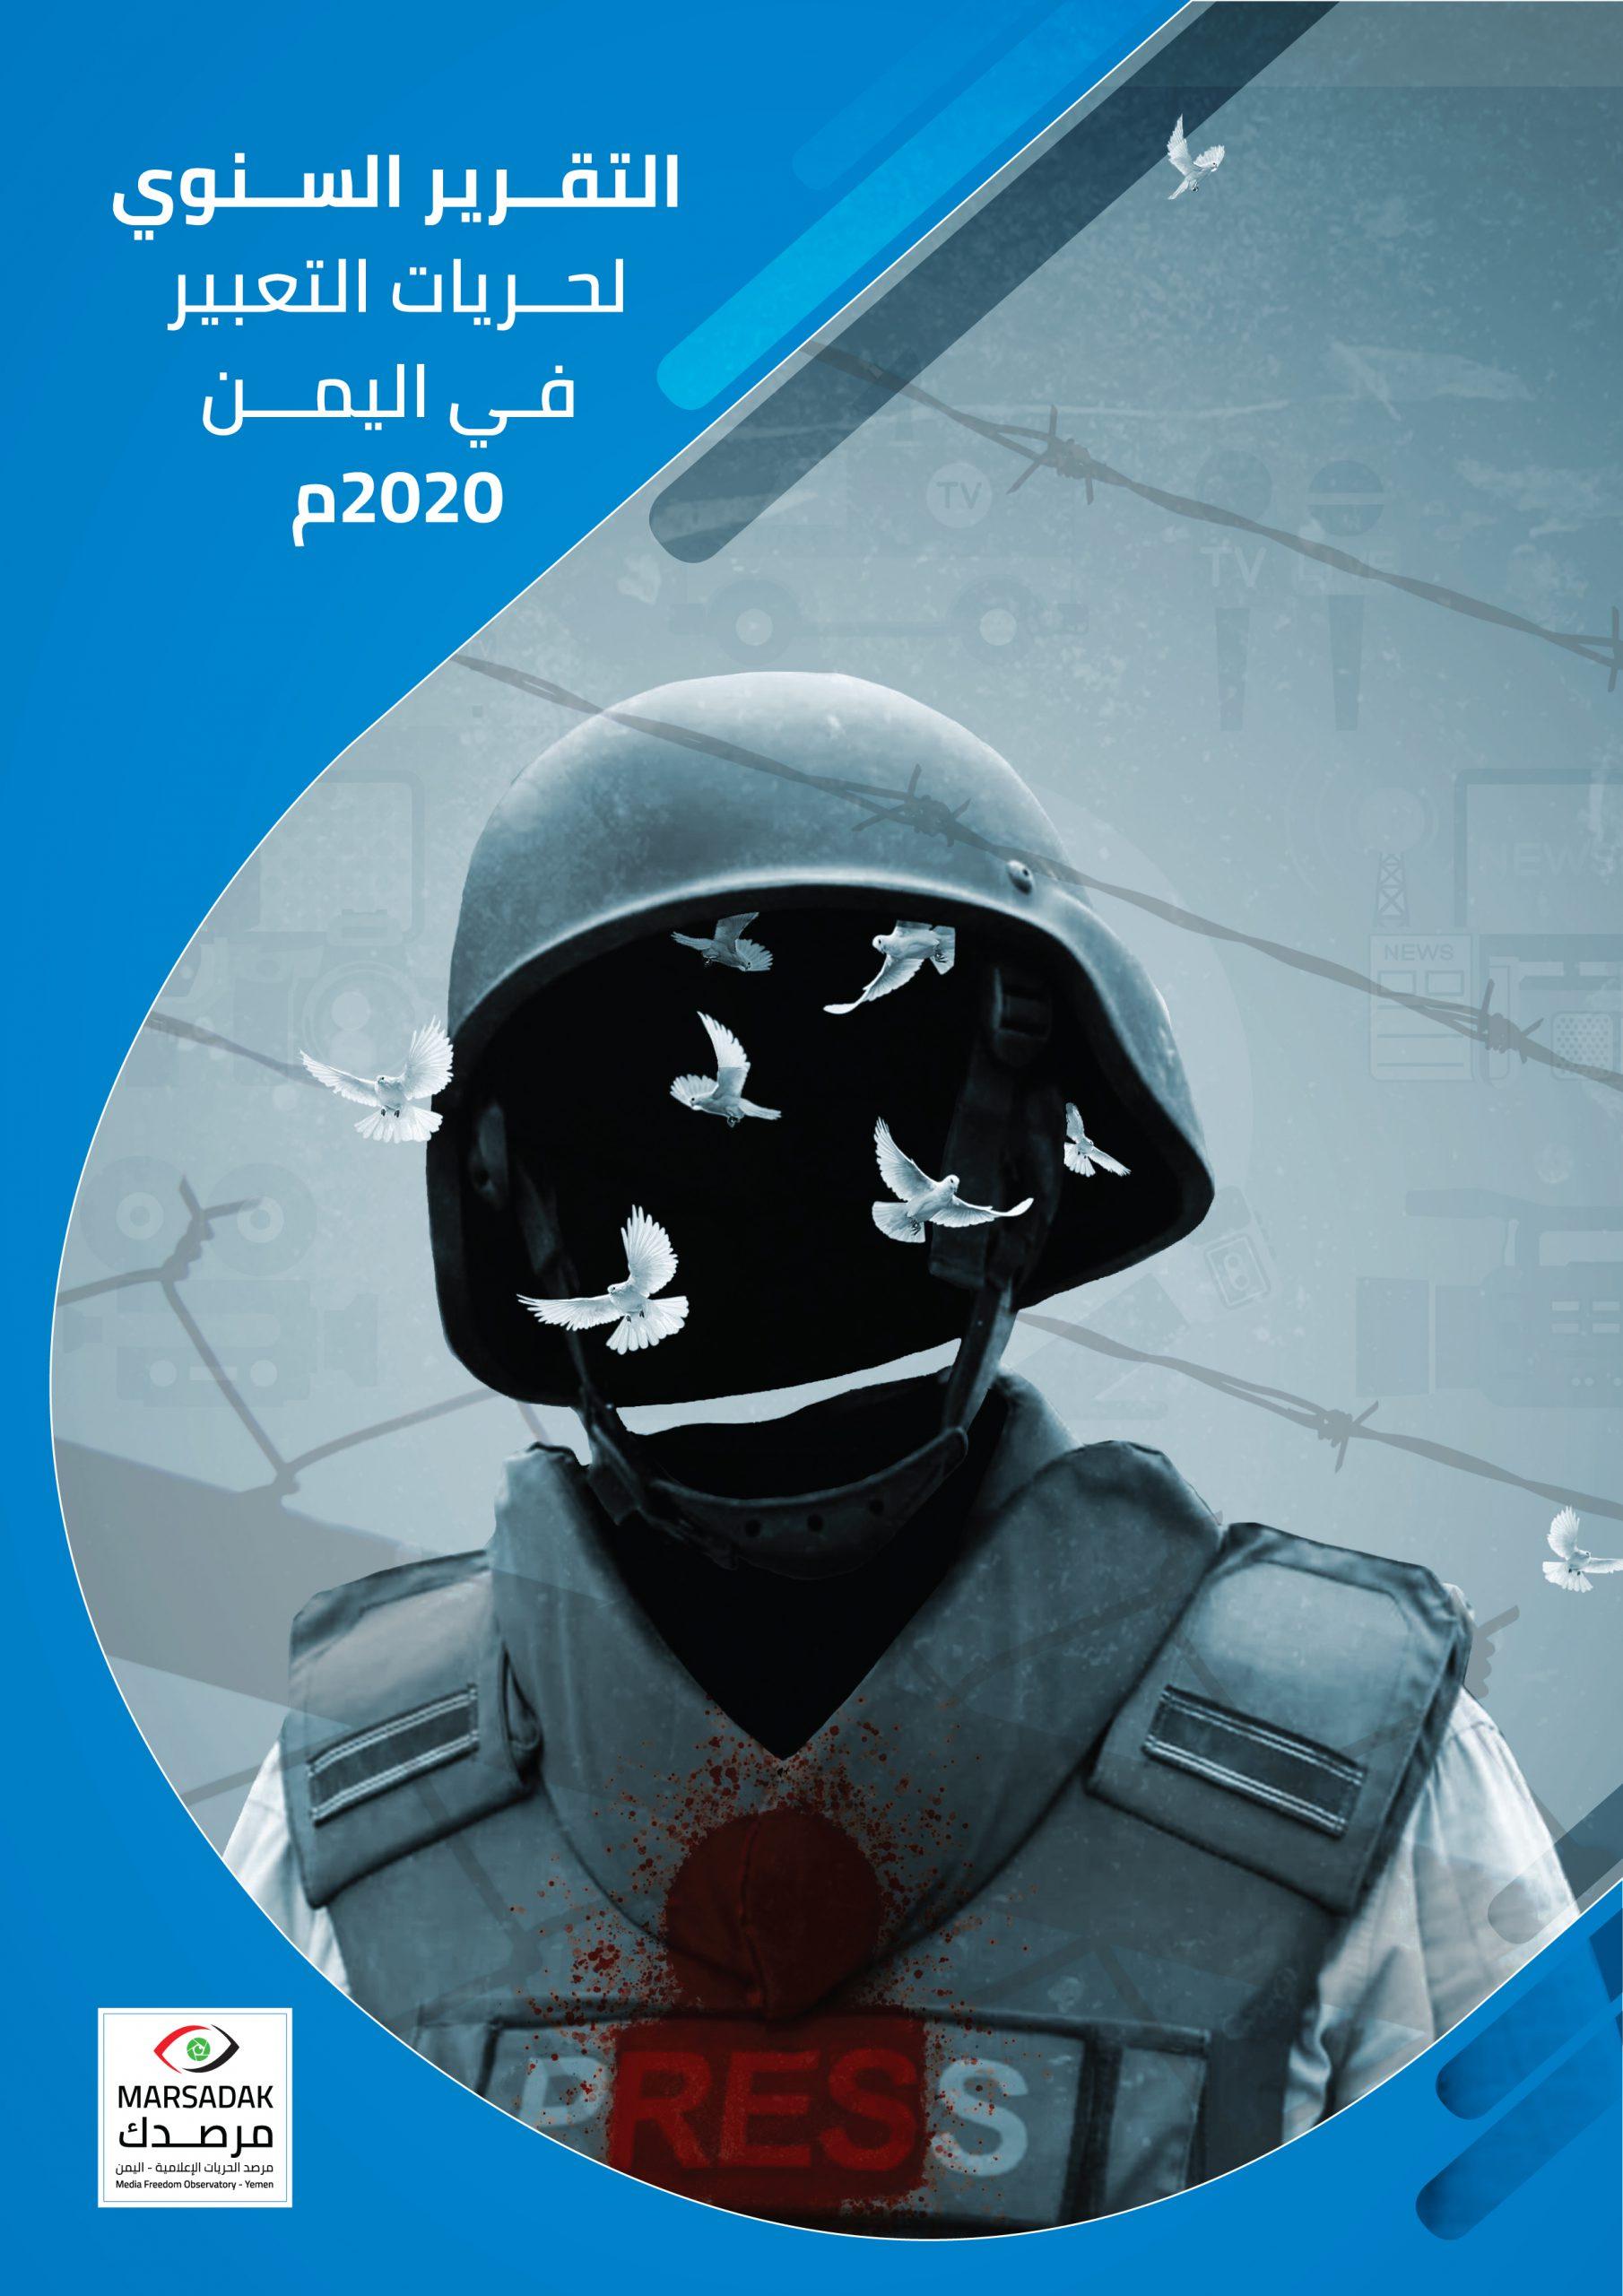 مرصد الحريات يدشن التقرير السنوي لحرية التعبير 2020م.. شهادات مؤلمة يرويها صحفيون يمنيون